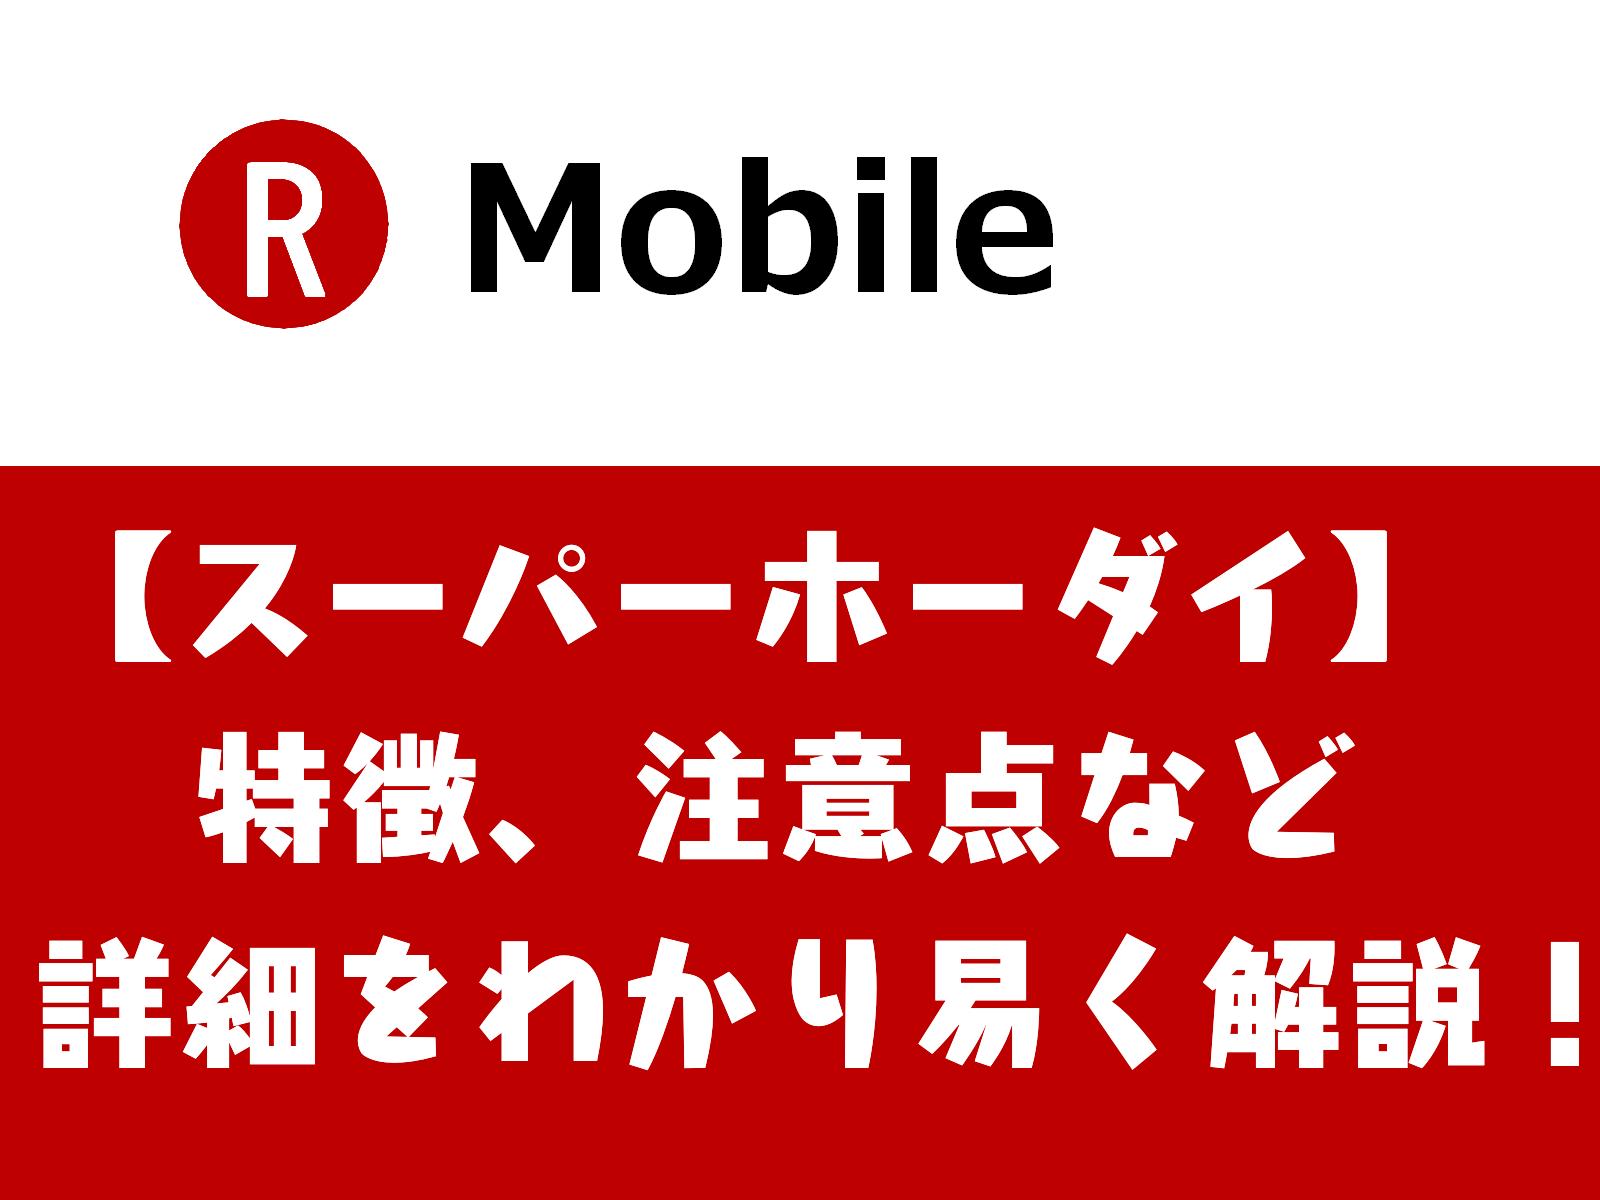 楽天モバイル「スーパーホーダイ」の詳細のサムネイル画像